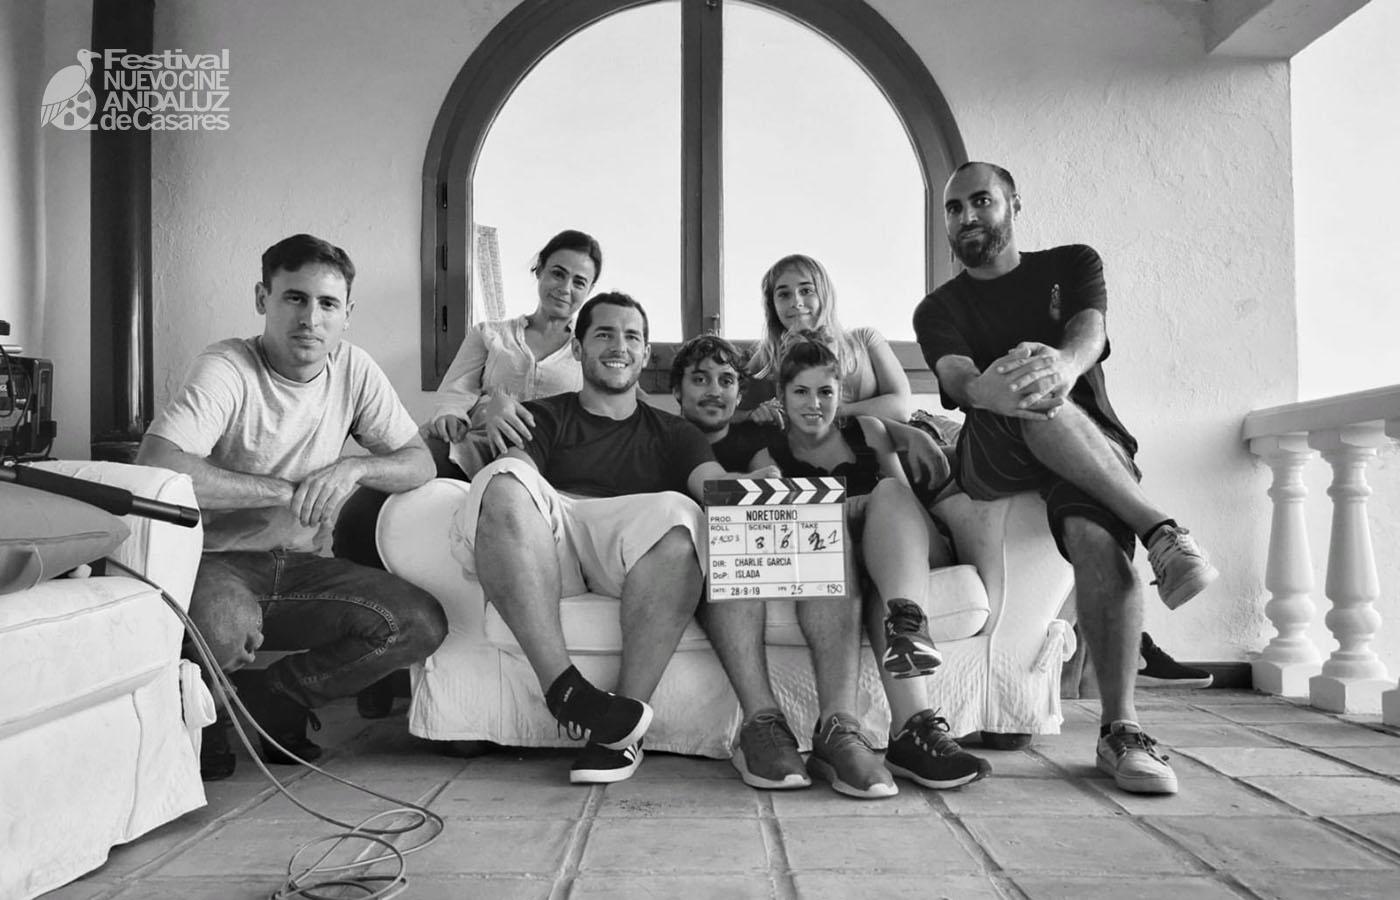 """Equipo del cortometraje """"Noretorno"""", ganador del segundo premio del Jurado del concurso Cortos Exprés Nuevo Cine Andaluz 2019"""